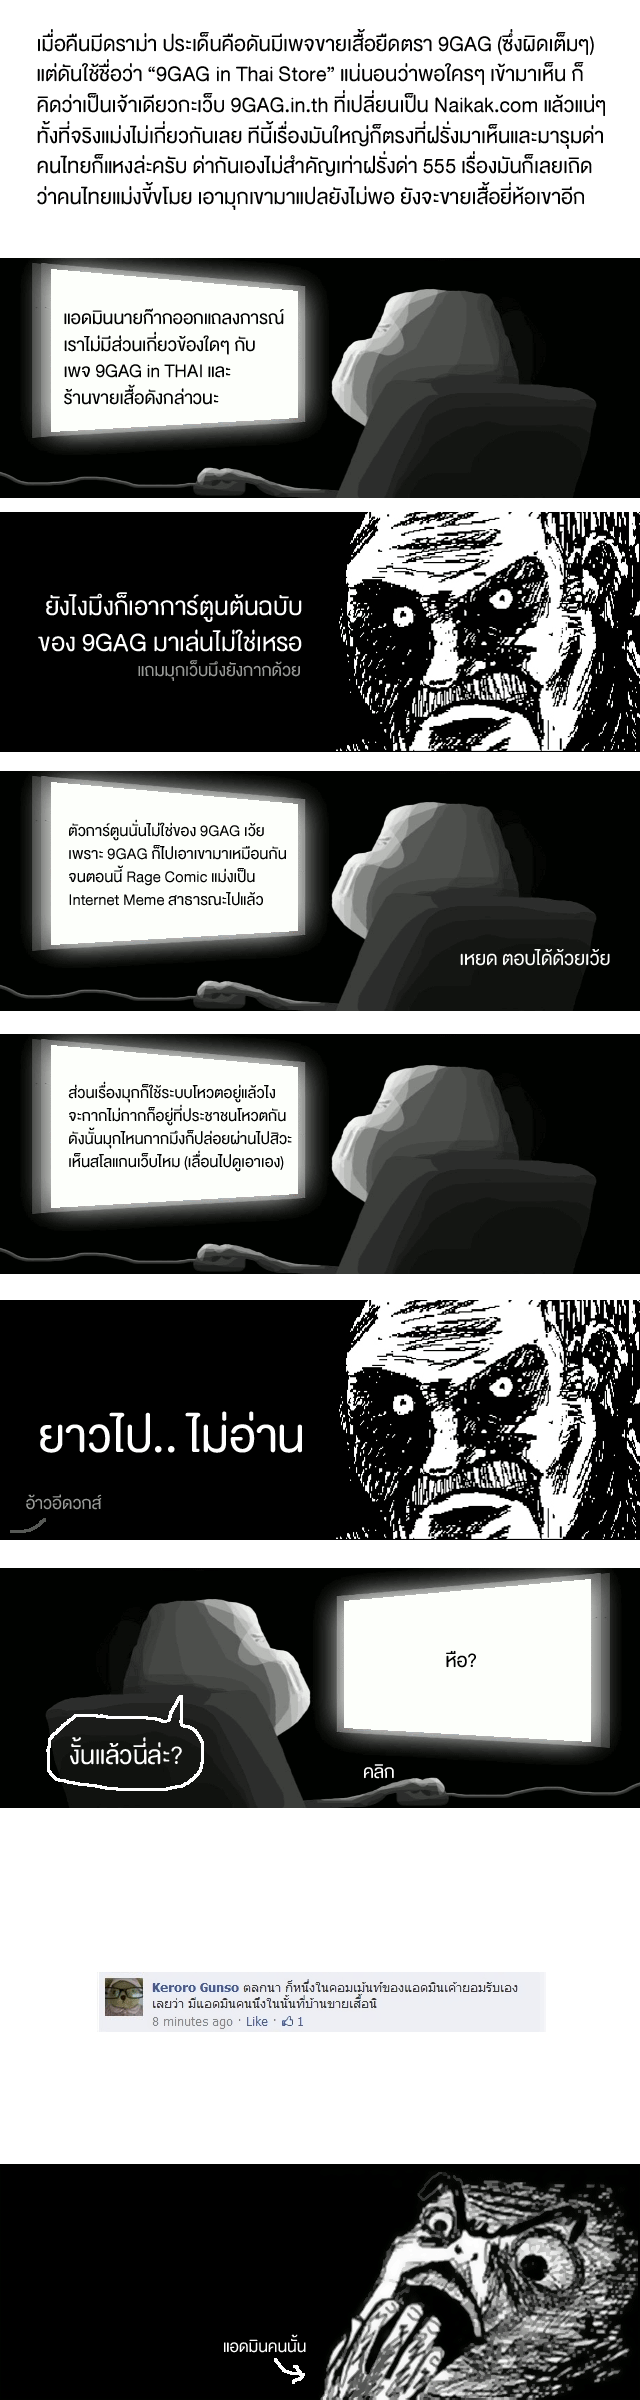 กรณี 9GAG in Thai ขายเสื้อ